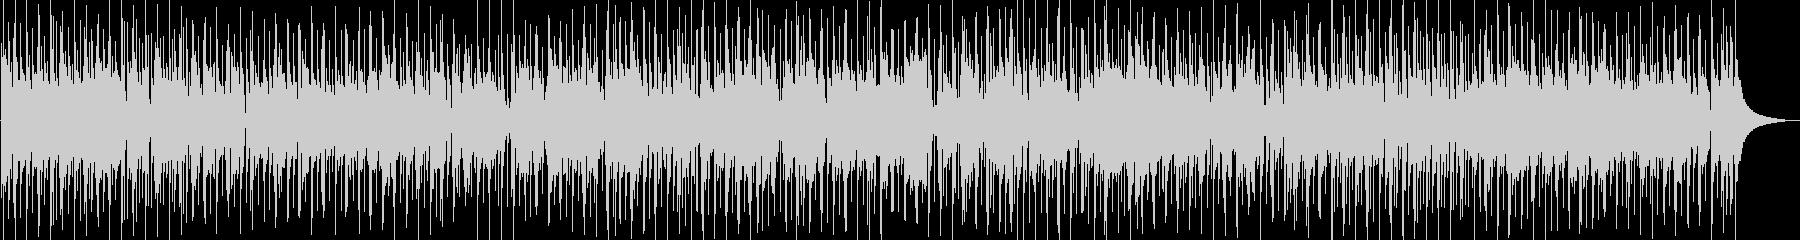 夢心地の中のボサノバの未再生の波形